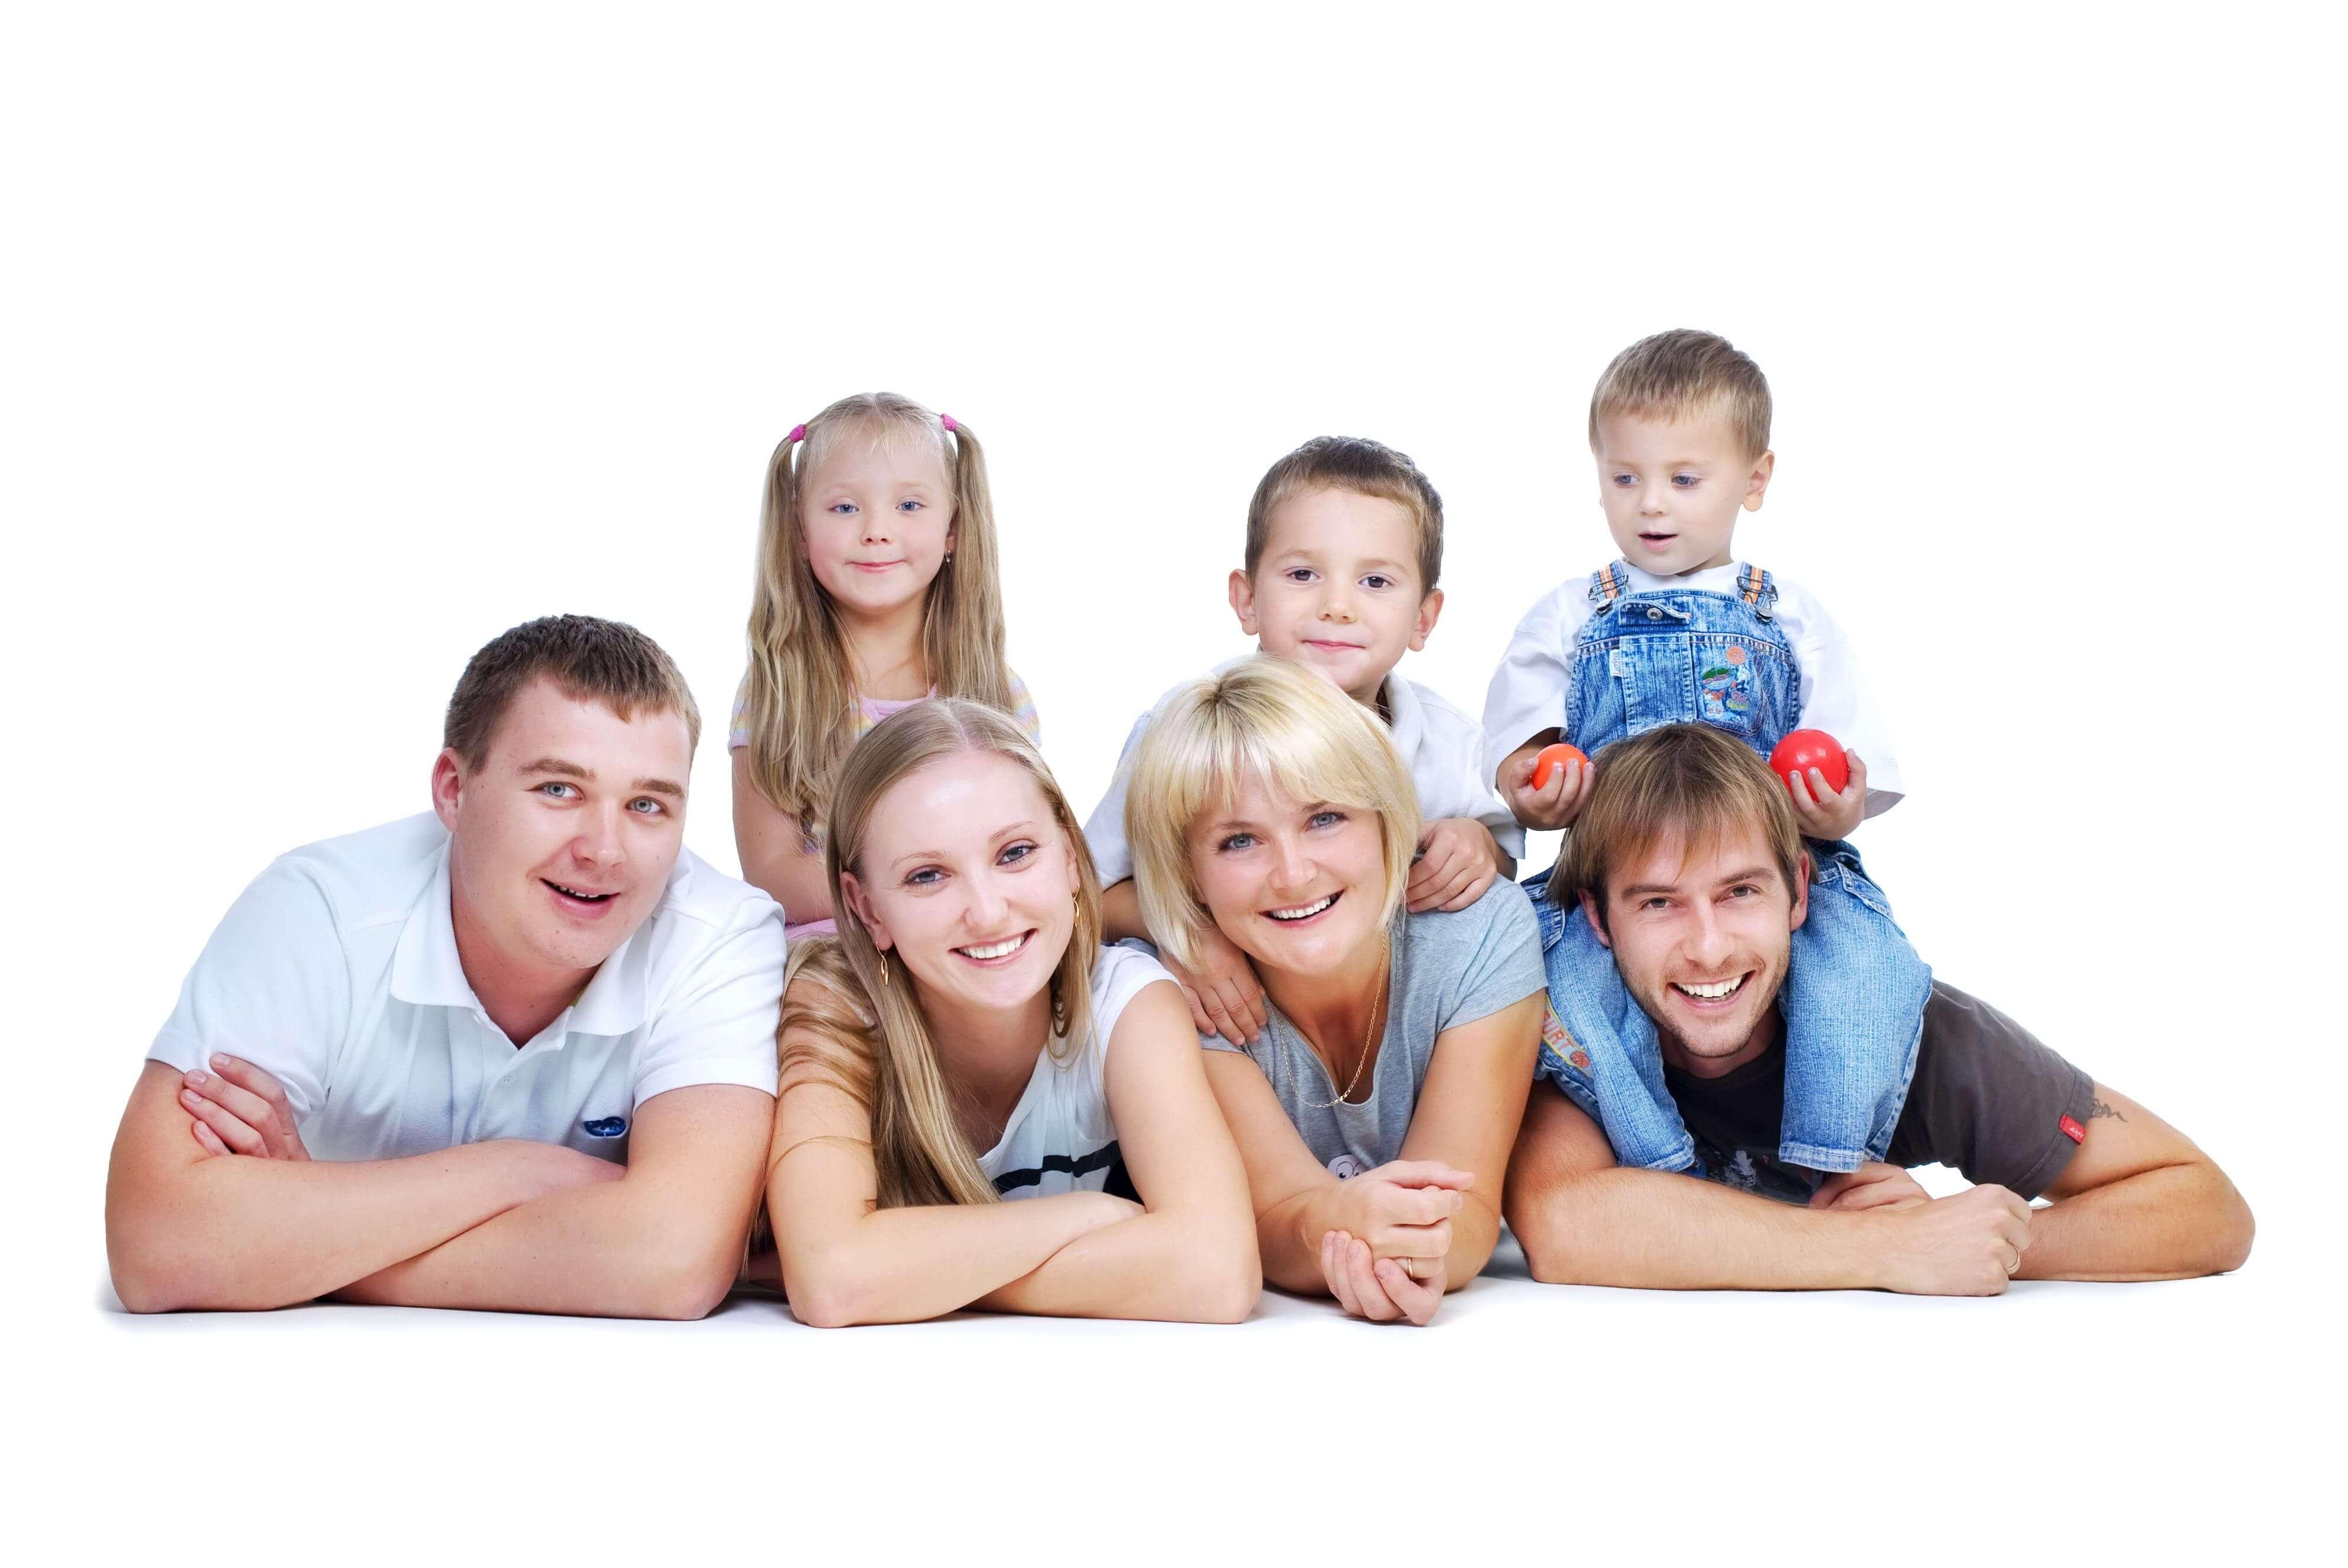 Які пільги покладені багатодітним сім'ям? Пільги багатодітним родинам